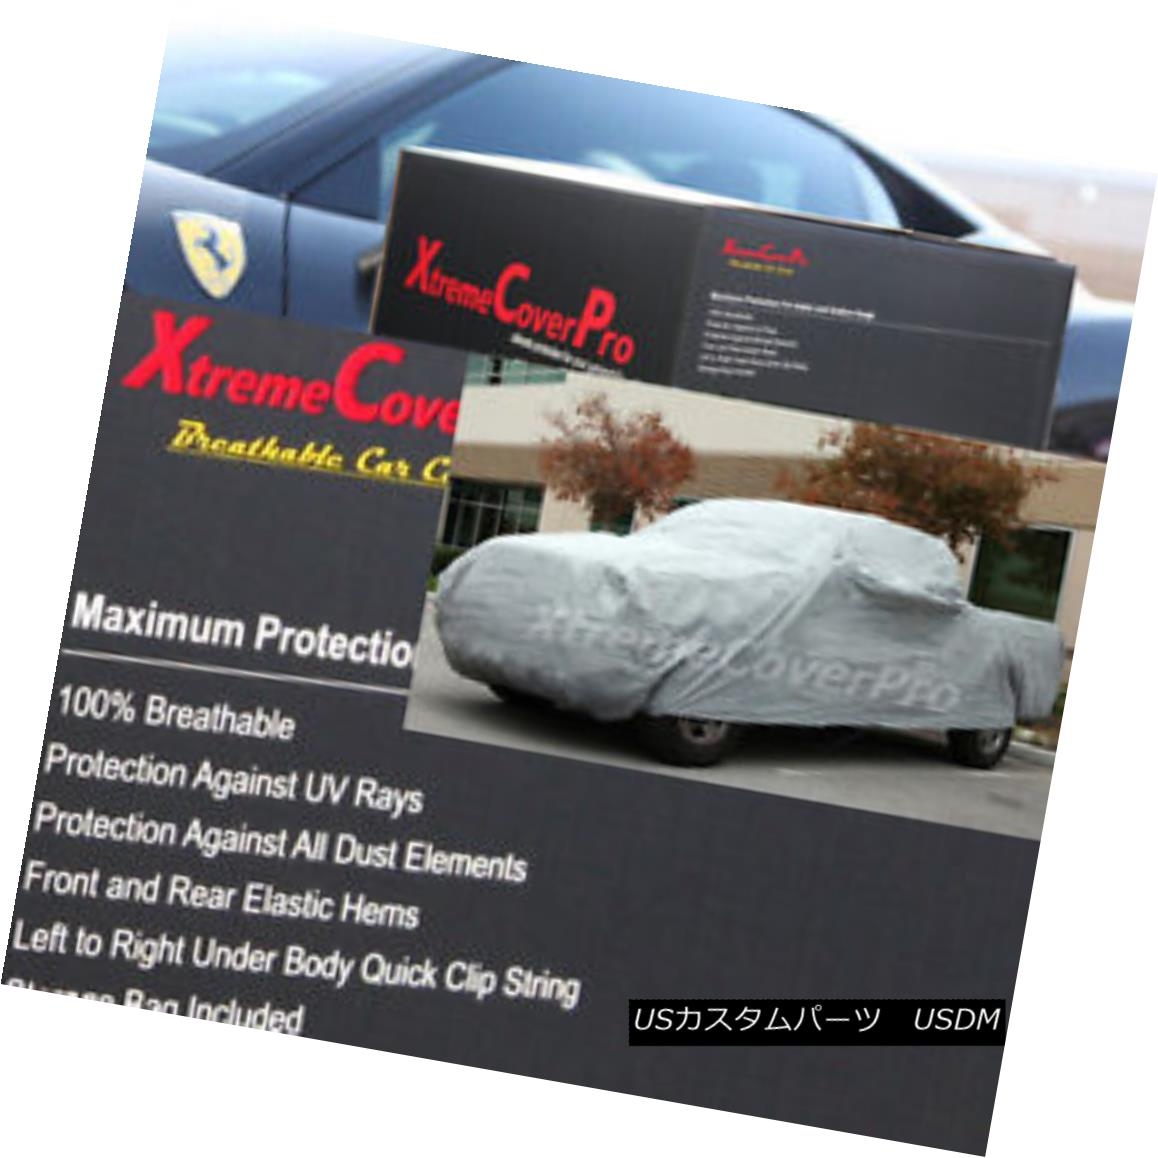 カーカバー 2000 2001 2002 2003 Ford F-150 Reg Cab 8ft Bed Breathable Truck Cover 2000 2001 2002 2003フォードF-150レッグキャブ8ftベッド通気性トラックカバー